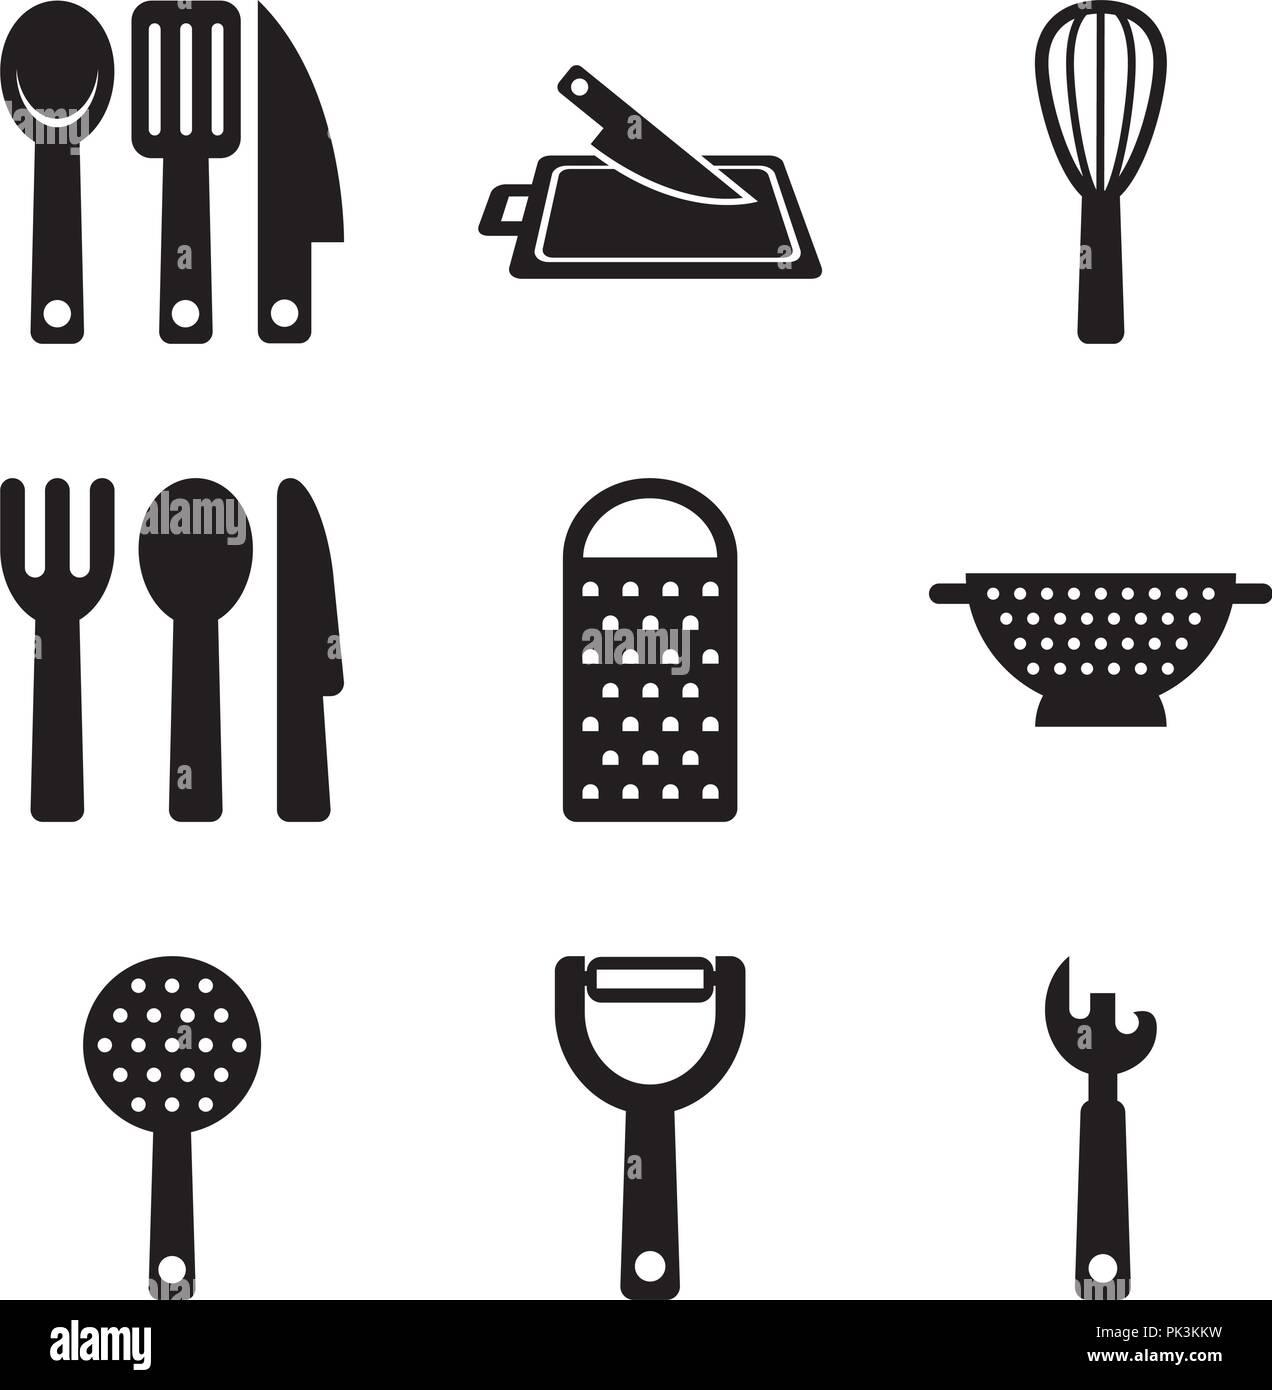 Basic Kitchen Utensils 05 - Stock Vector